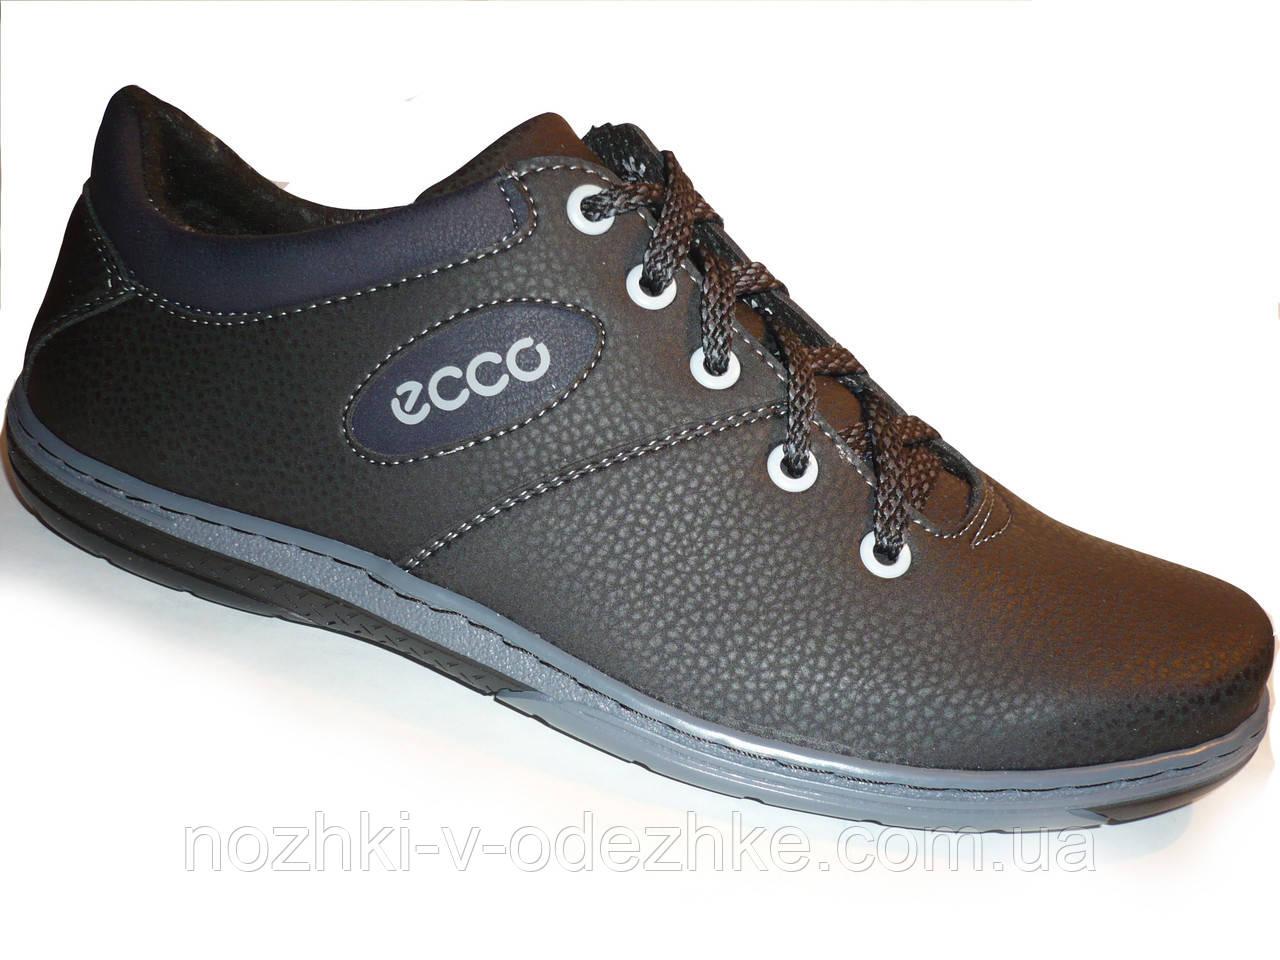 Подростковые мужские черные закрытые туфли Ecco Украина 42 р 27 c3ef5e8300afc